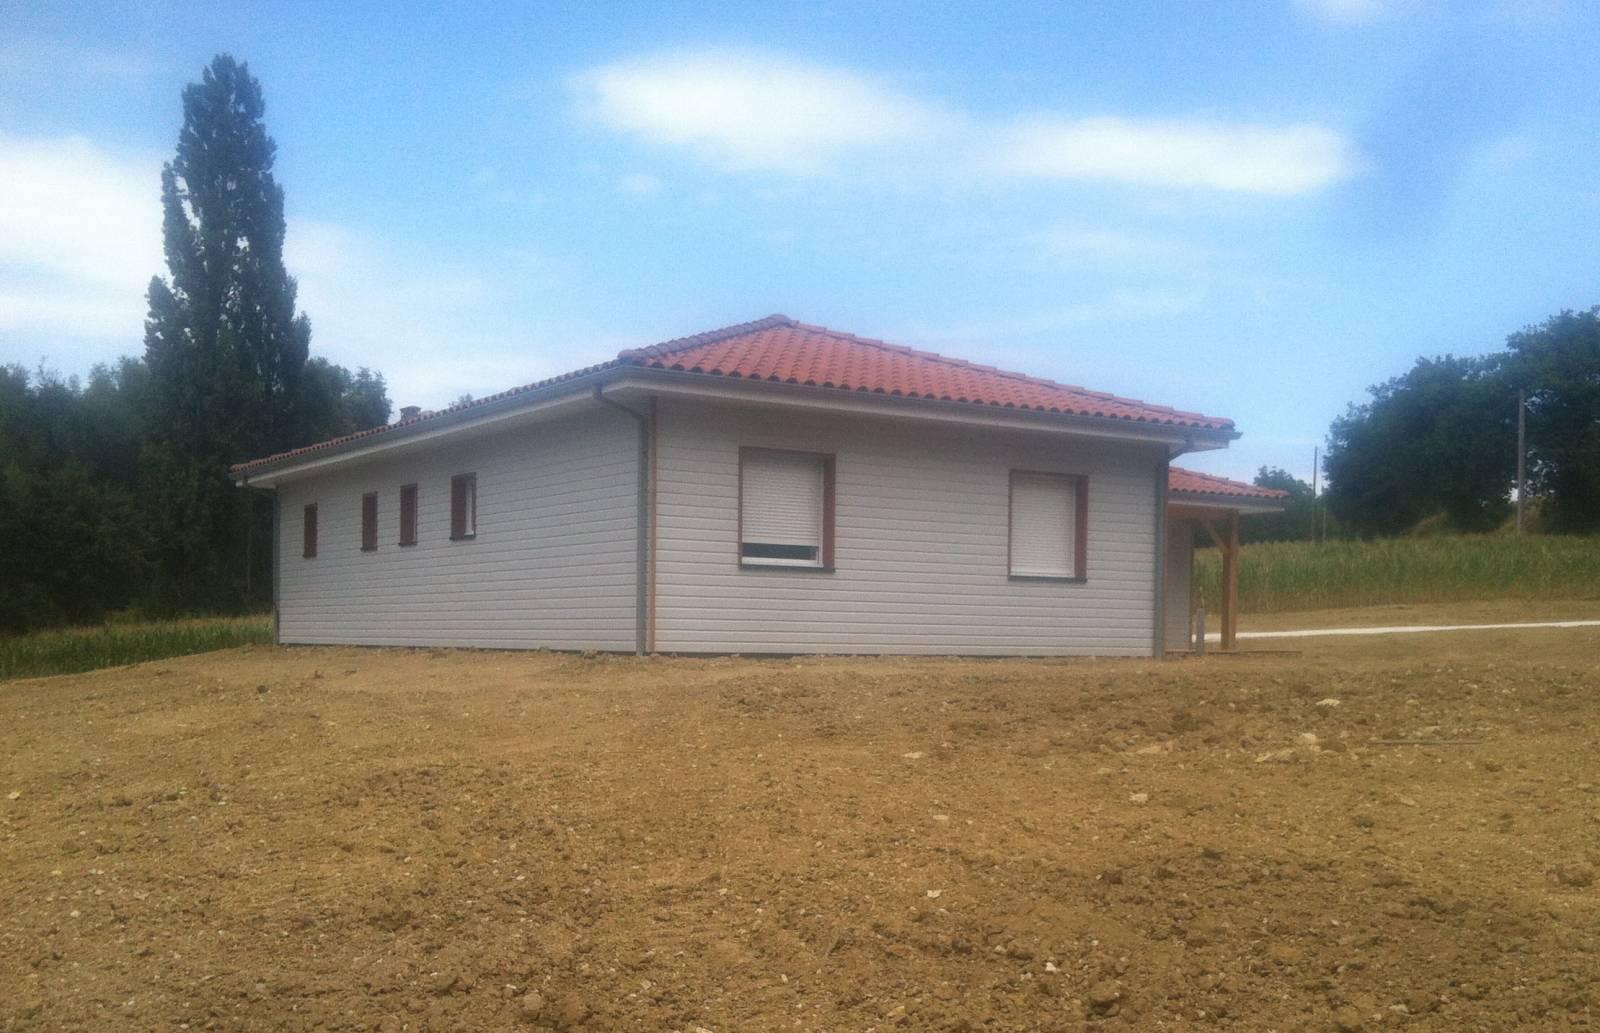 Maison construction bois r f 40 pr s de m zin dans le for Constructeur maison contemporaine lot et garonne